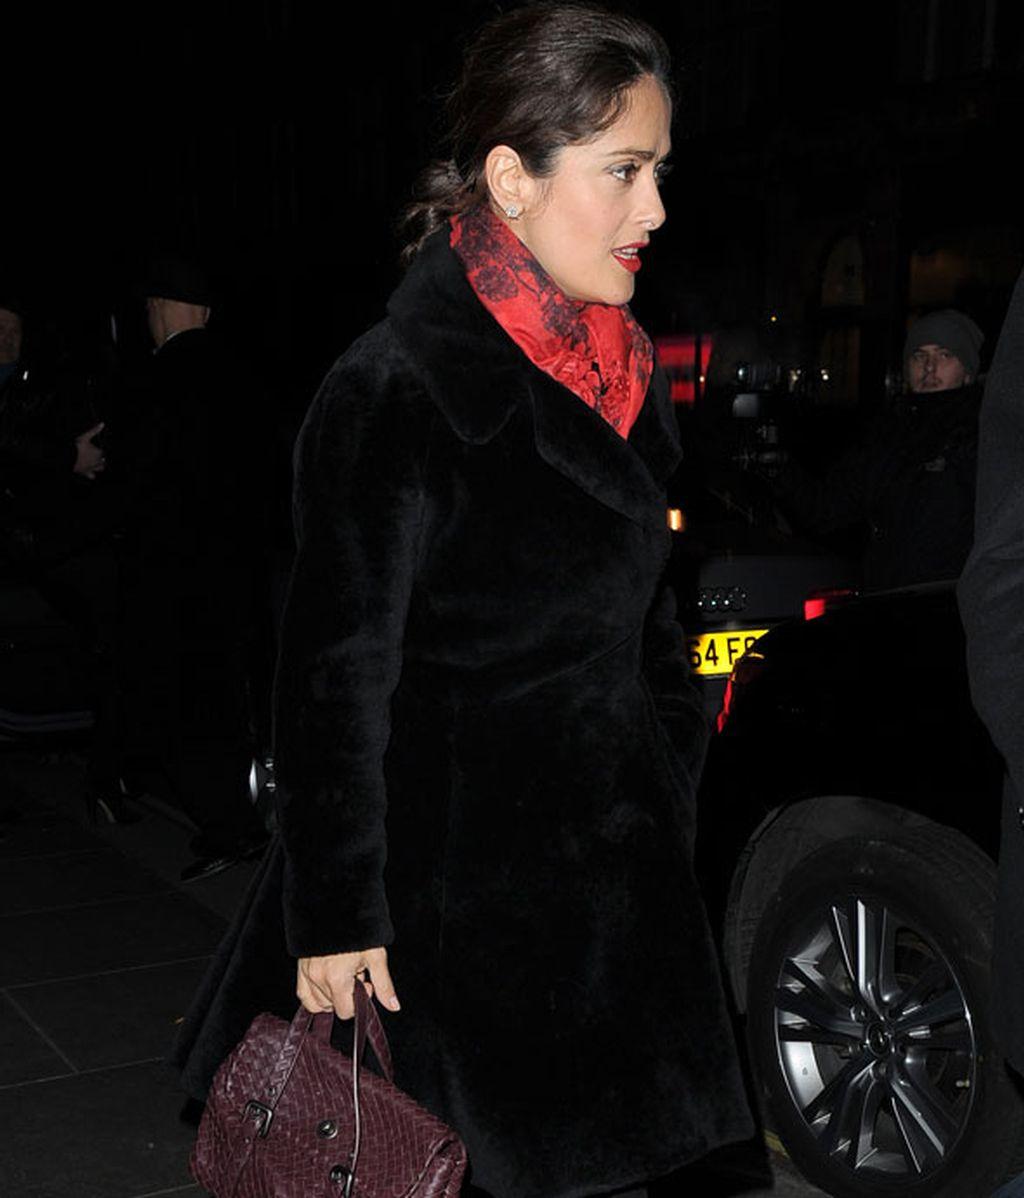 La antigua pareja, Pe y Tom Cruise, se reencuentran en Londres con Salma Hayek